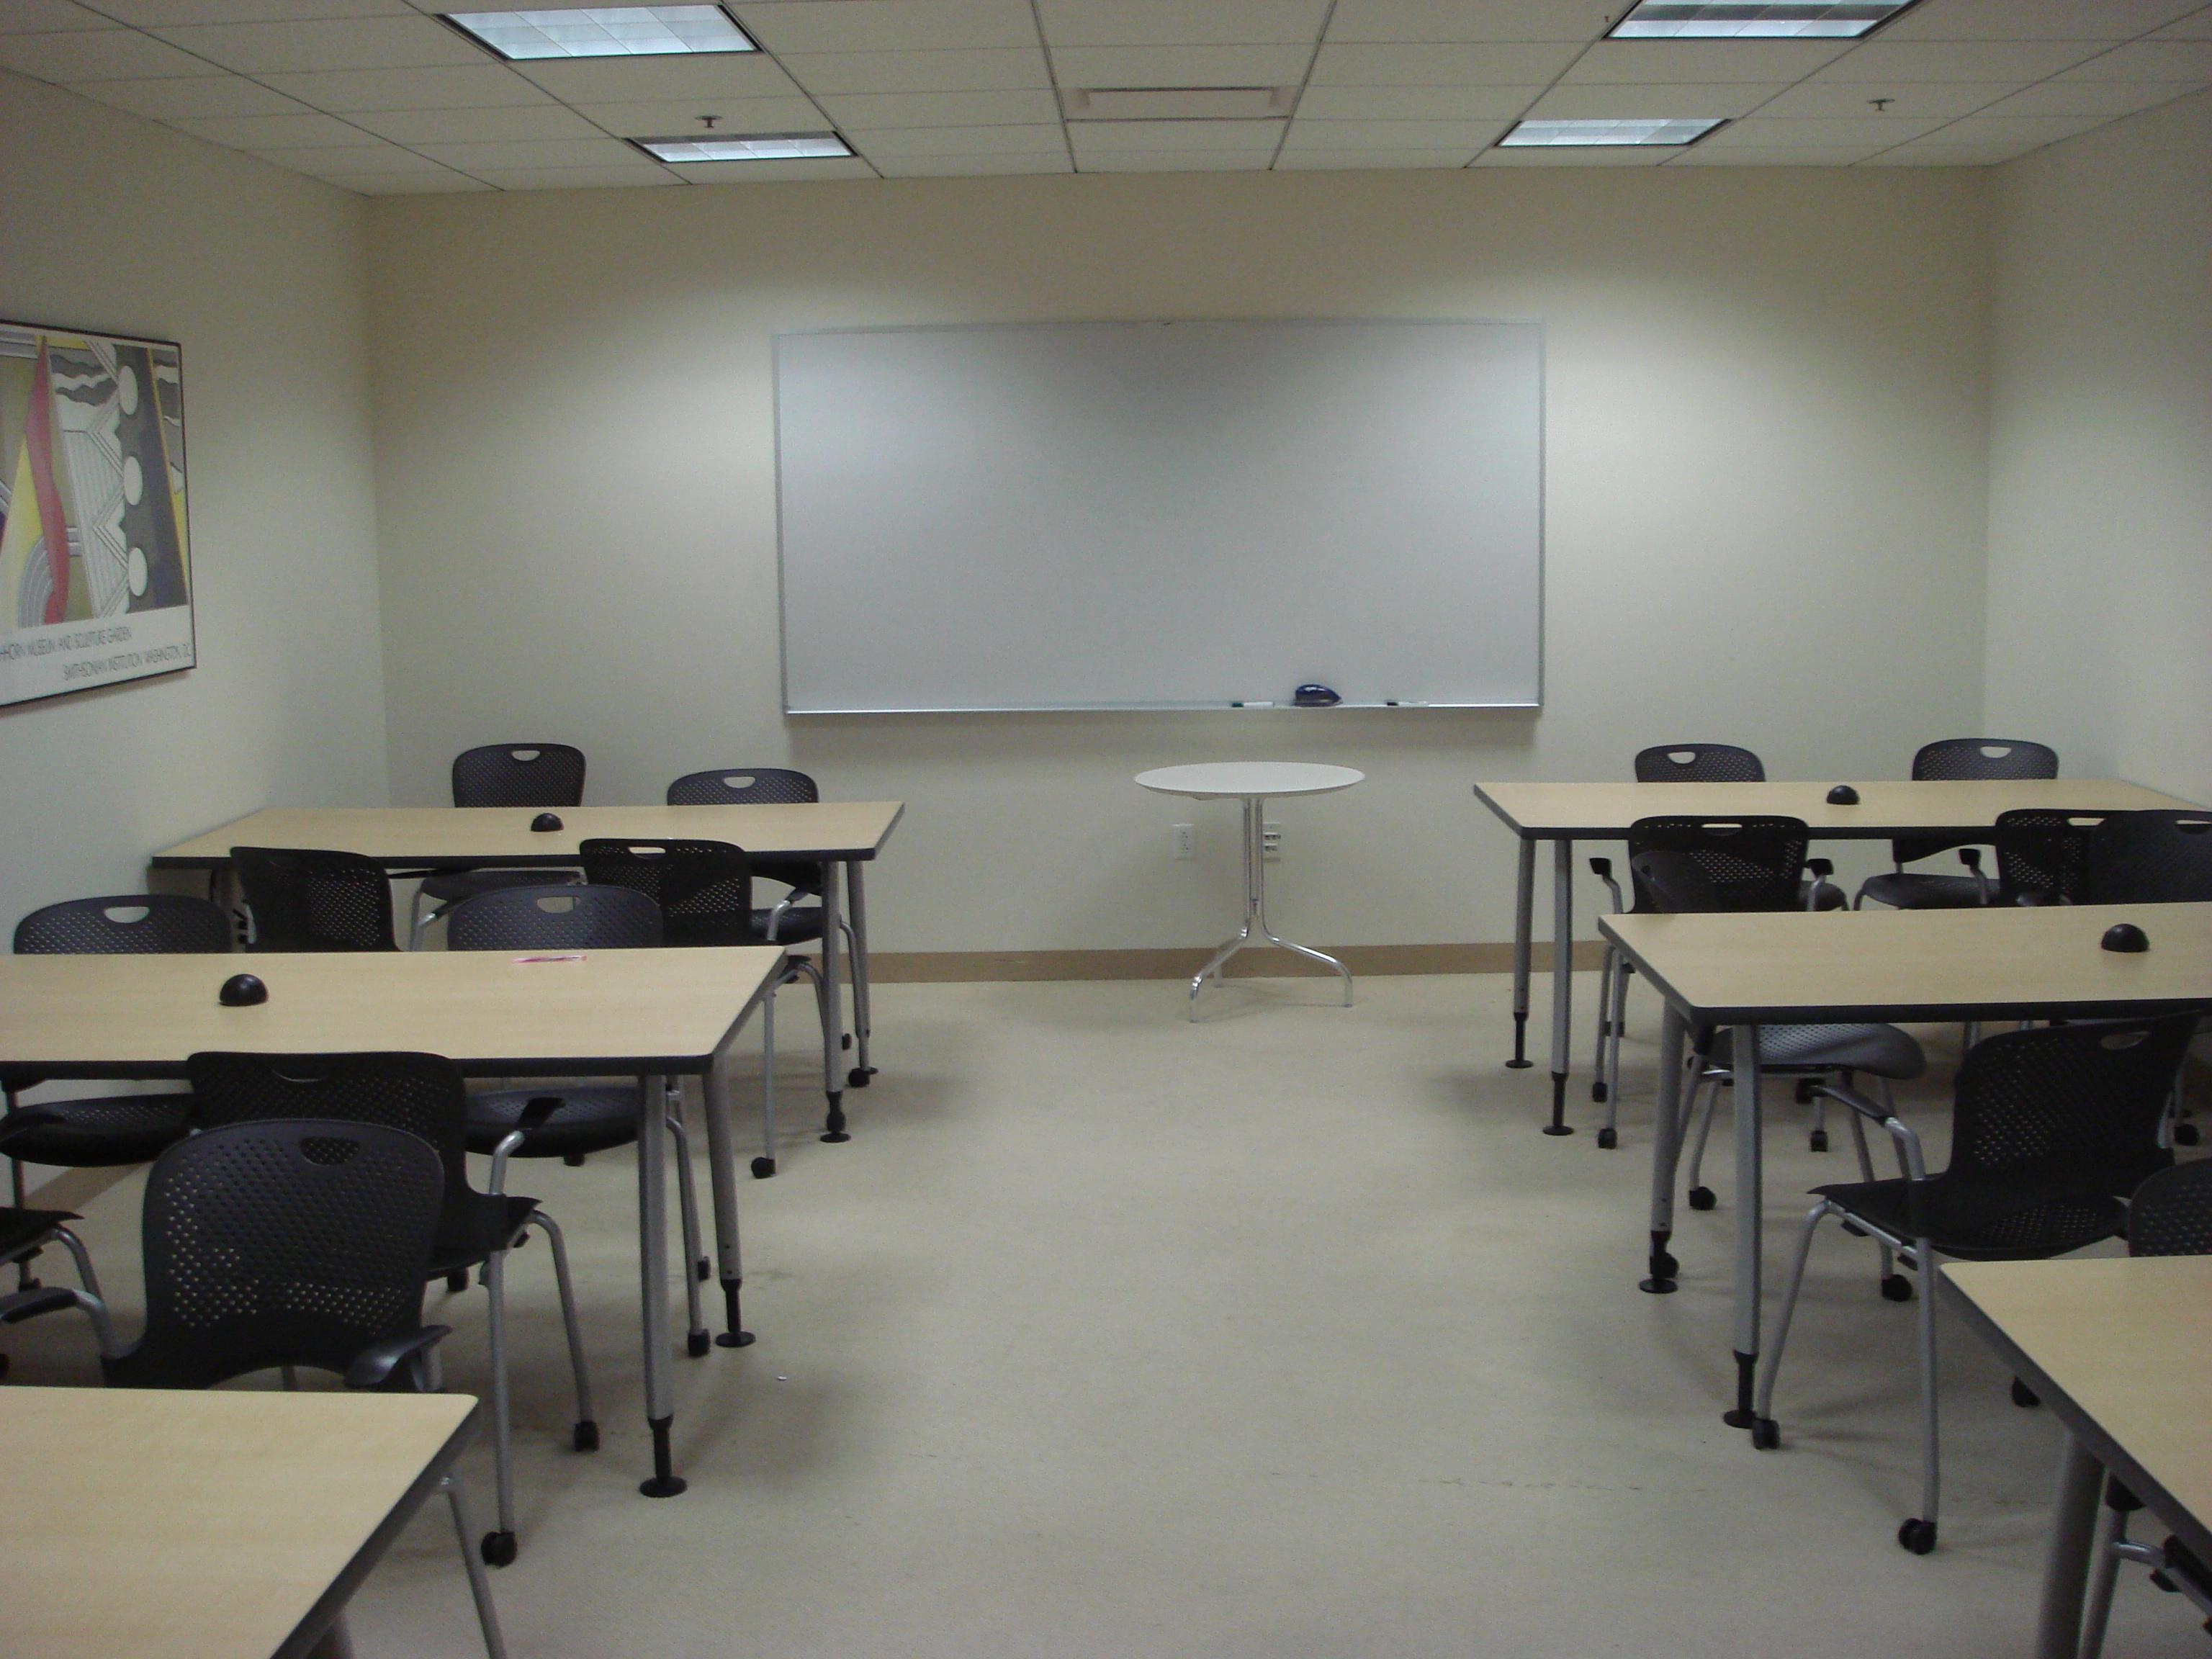 Hultボストン自習室